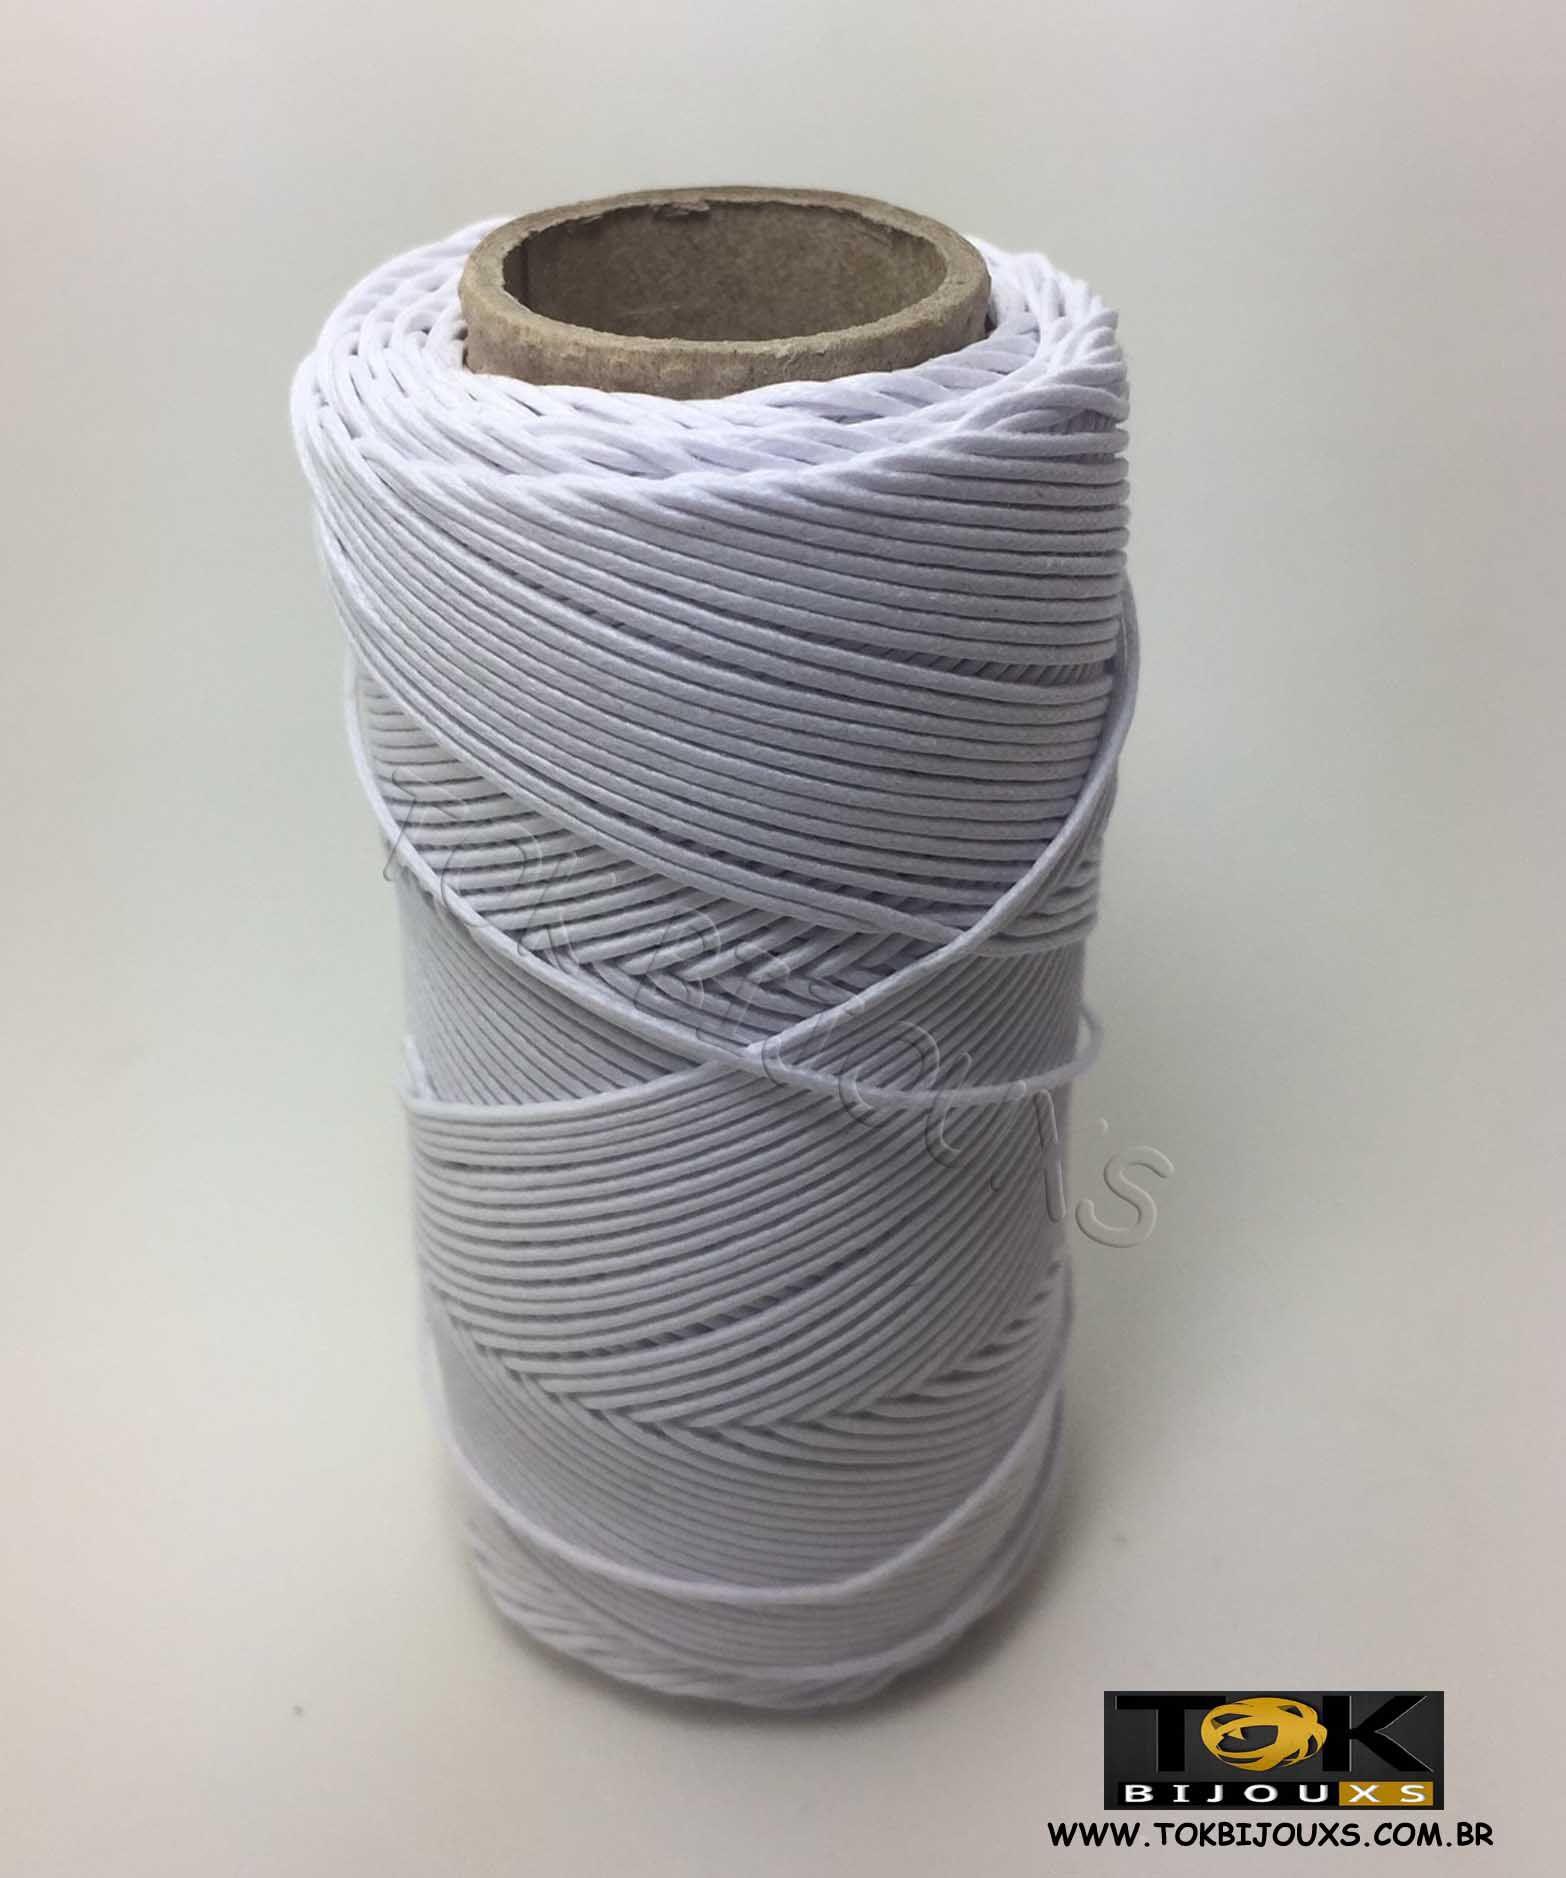 Cordão Encerado Algodão - 1,5mm - Branco